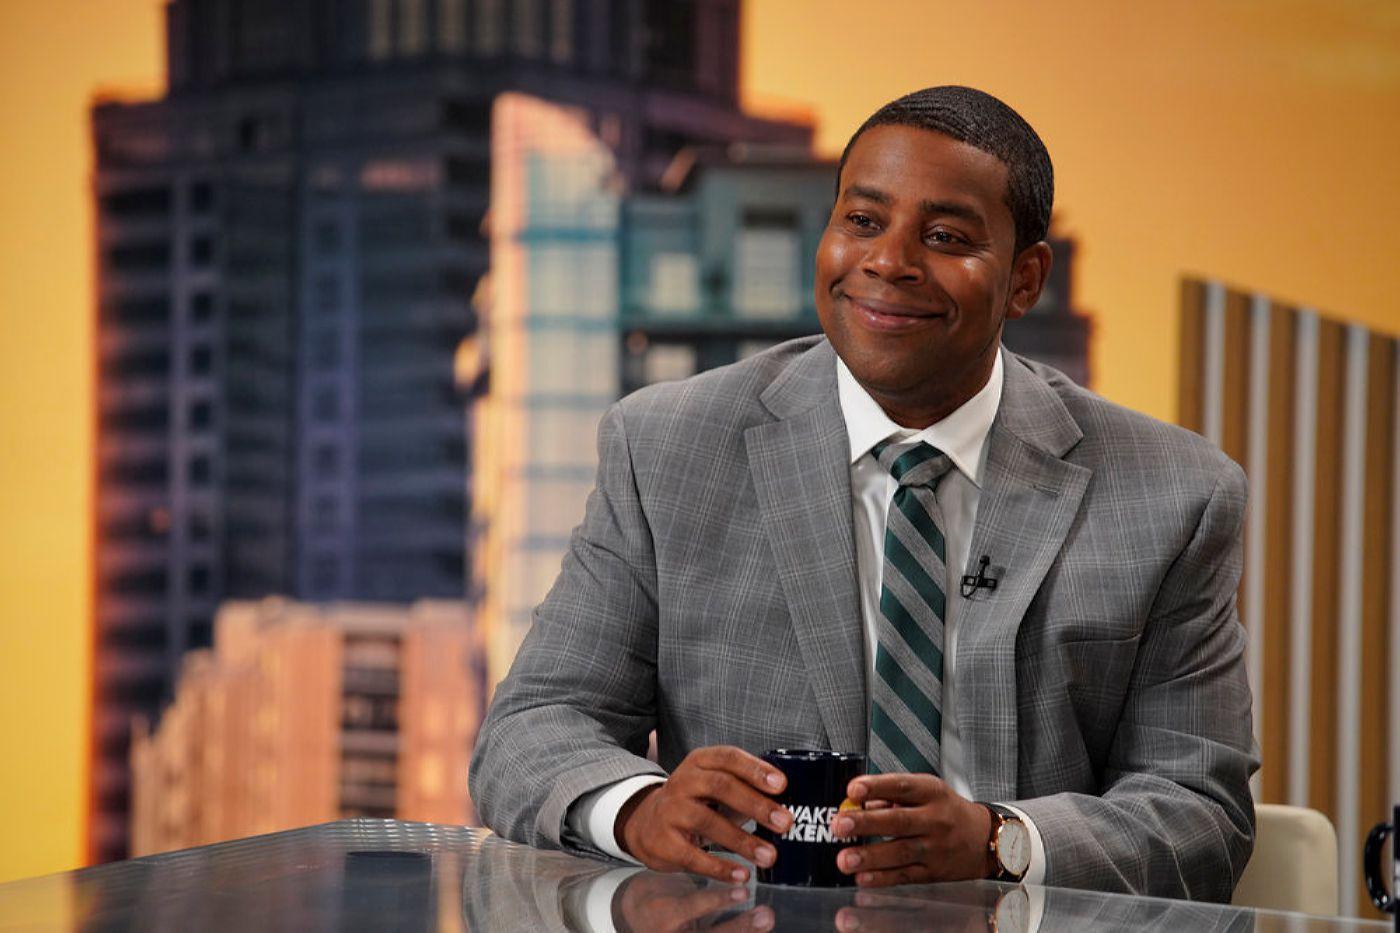 Cena da série Kenan. A cena mostra Kenan Thompson, um homem adulto, negro e de cabelo curto, sentado em uma bancada de programa de TV, sorrindo, usando terno cinza e segurando uma caneca preta com as duas mãos em cima da mesa.